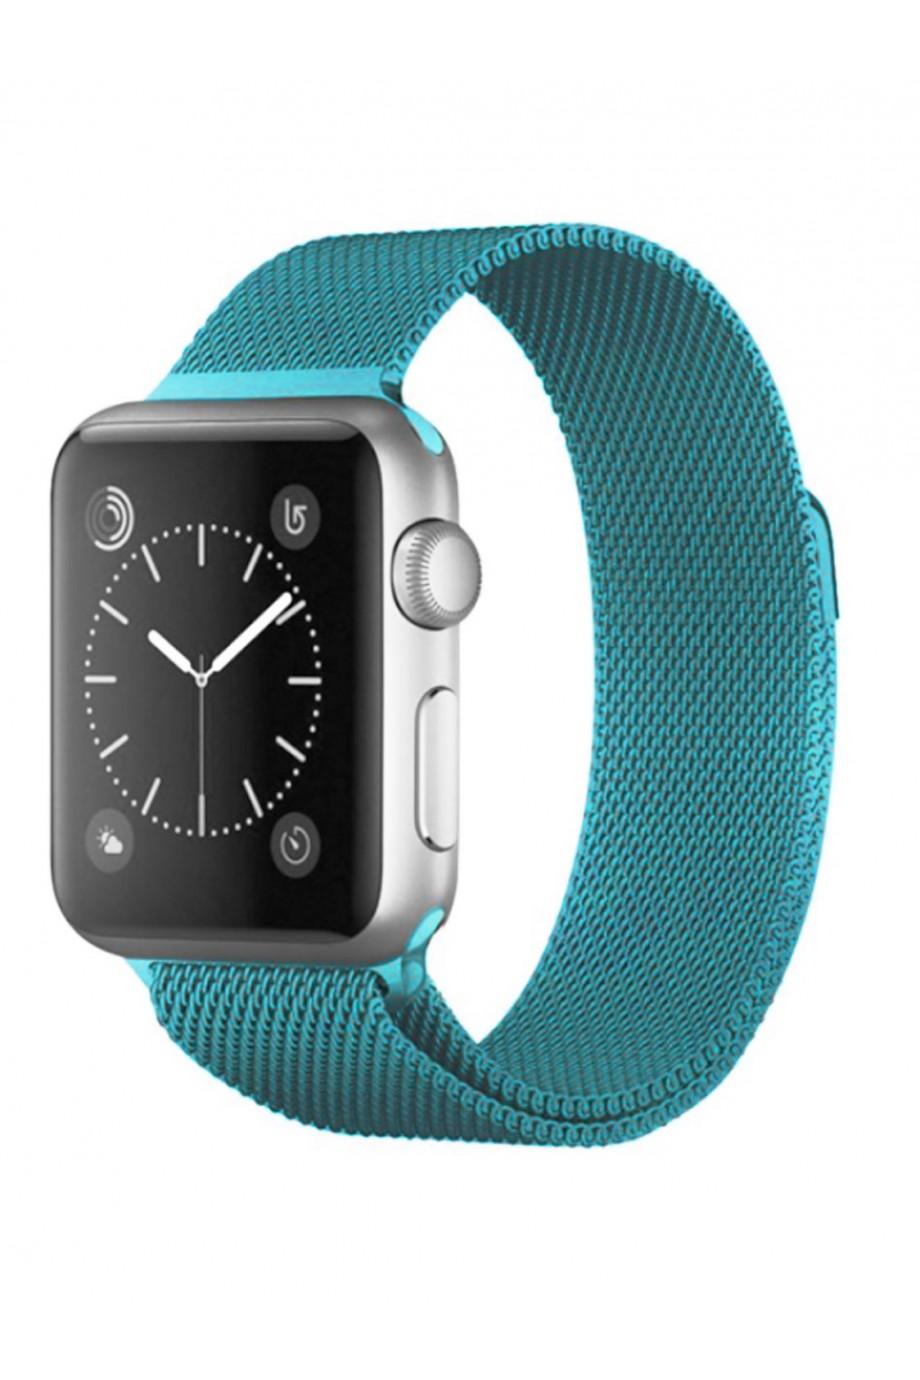 Металлический ремешок для Apple Watch 4/5 44 мм, зелено-голобой